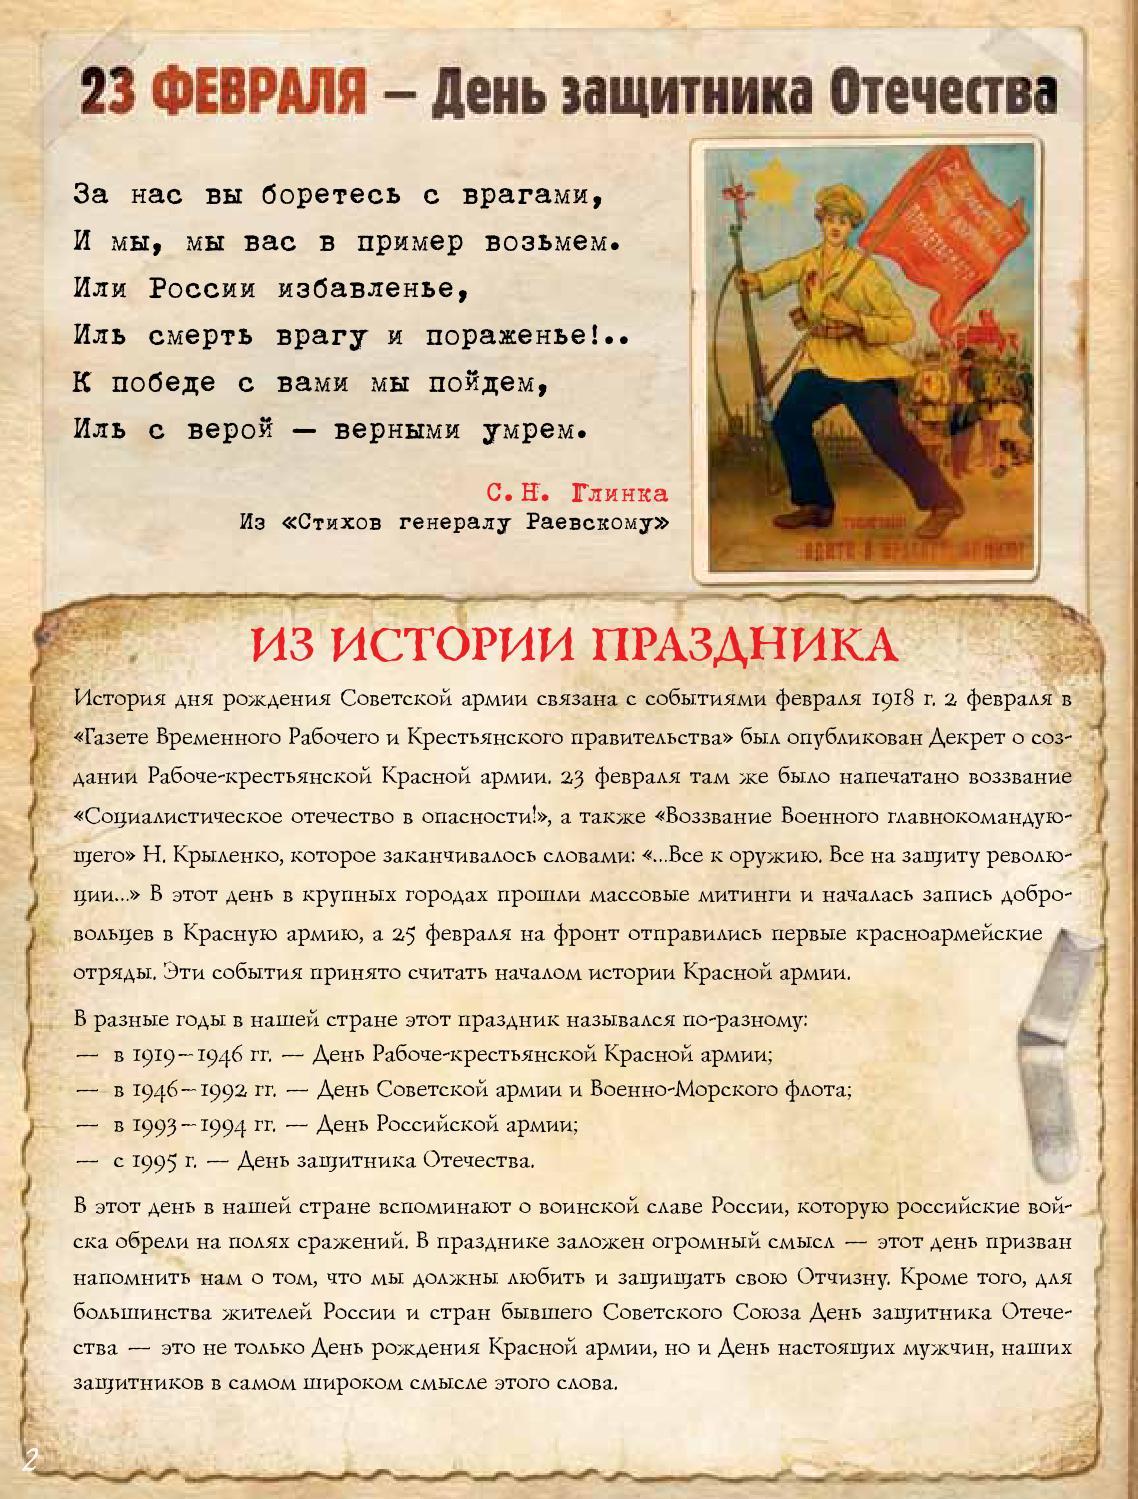 съемка стихотворение с днем защитника отечества известных поэтов иметь запасе